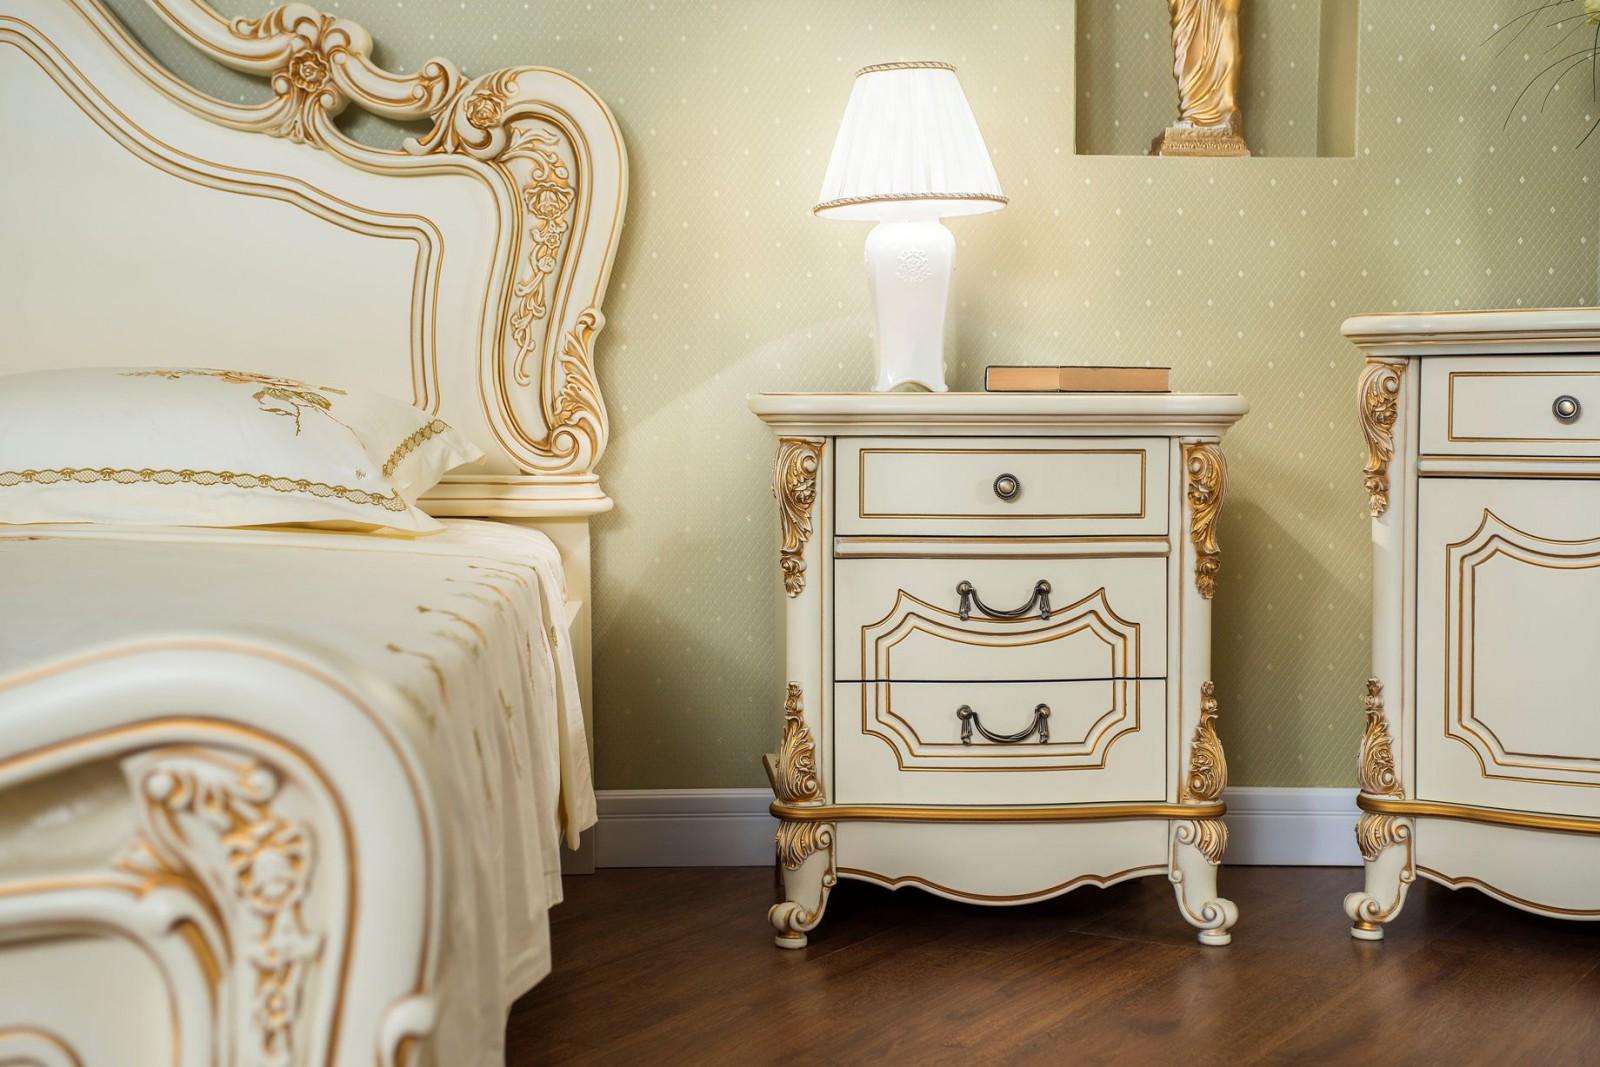 мебель мона лиза фото время точки расставлять